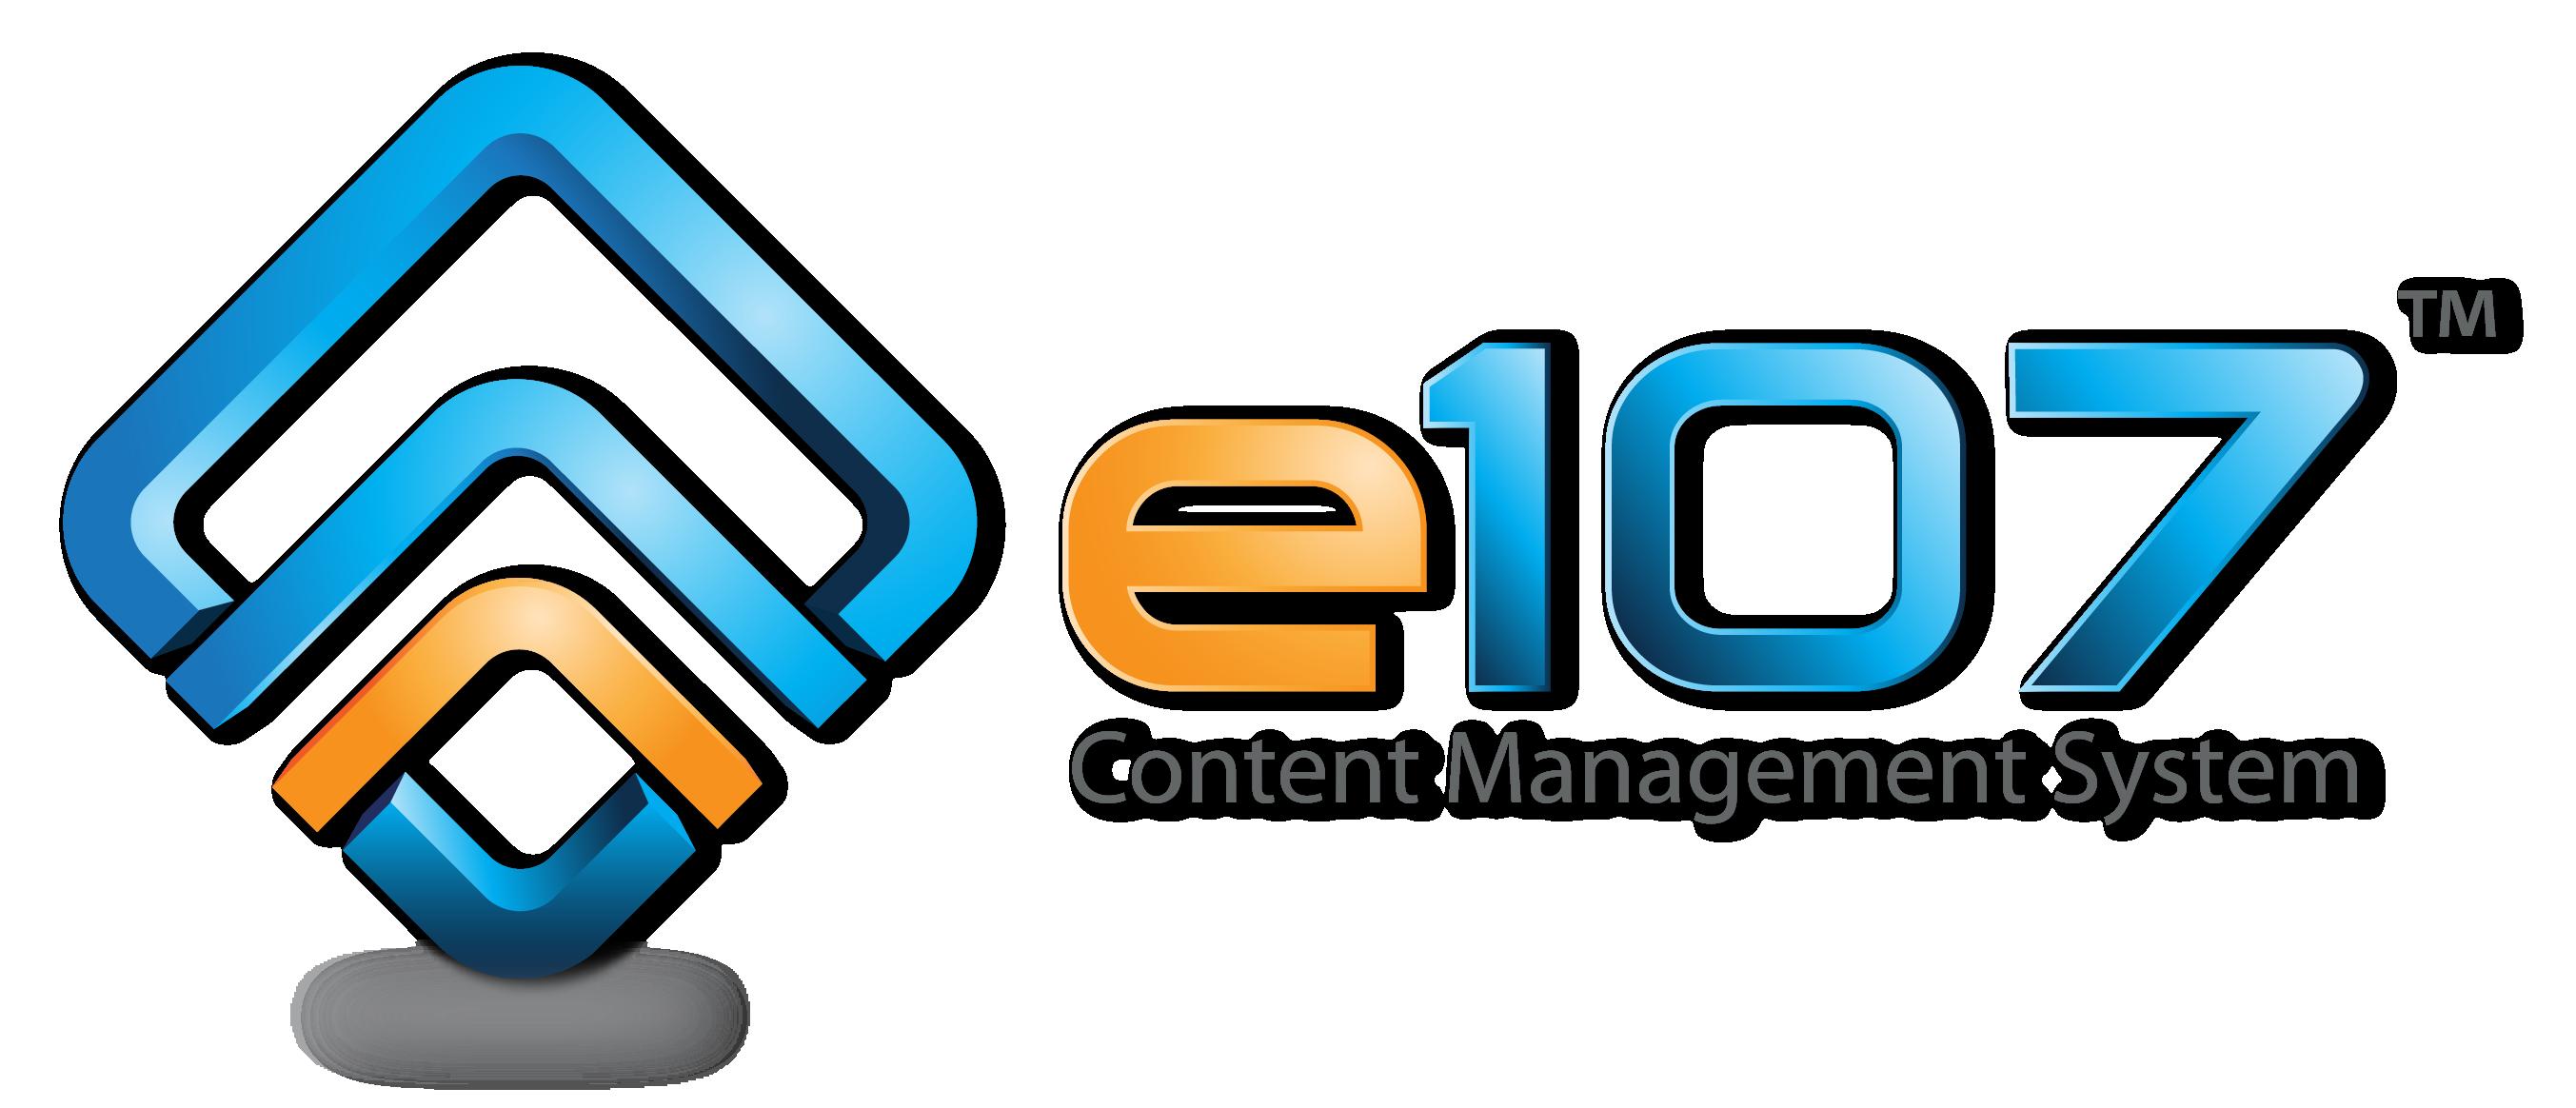 e107_logo_on_white_hd.png